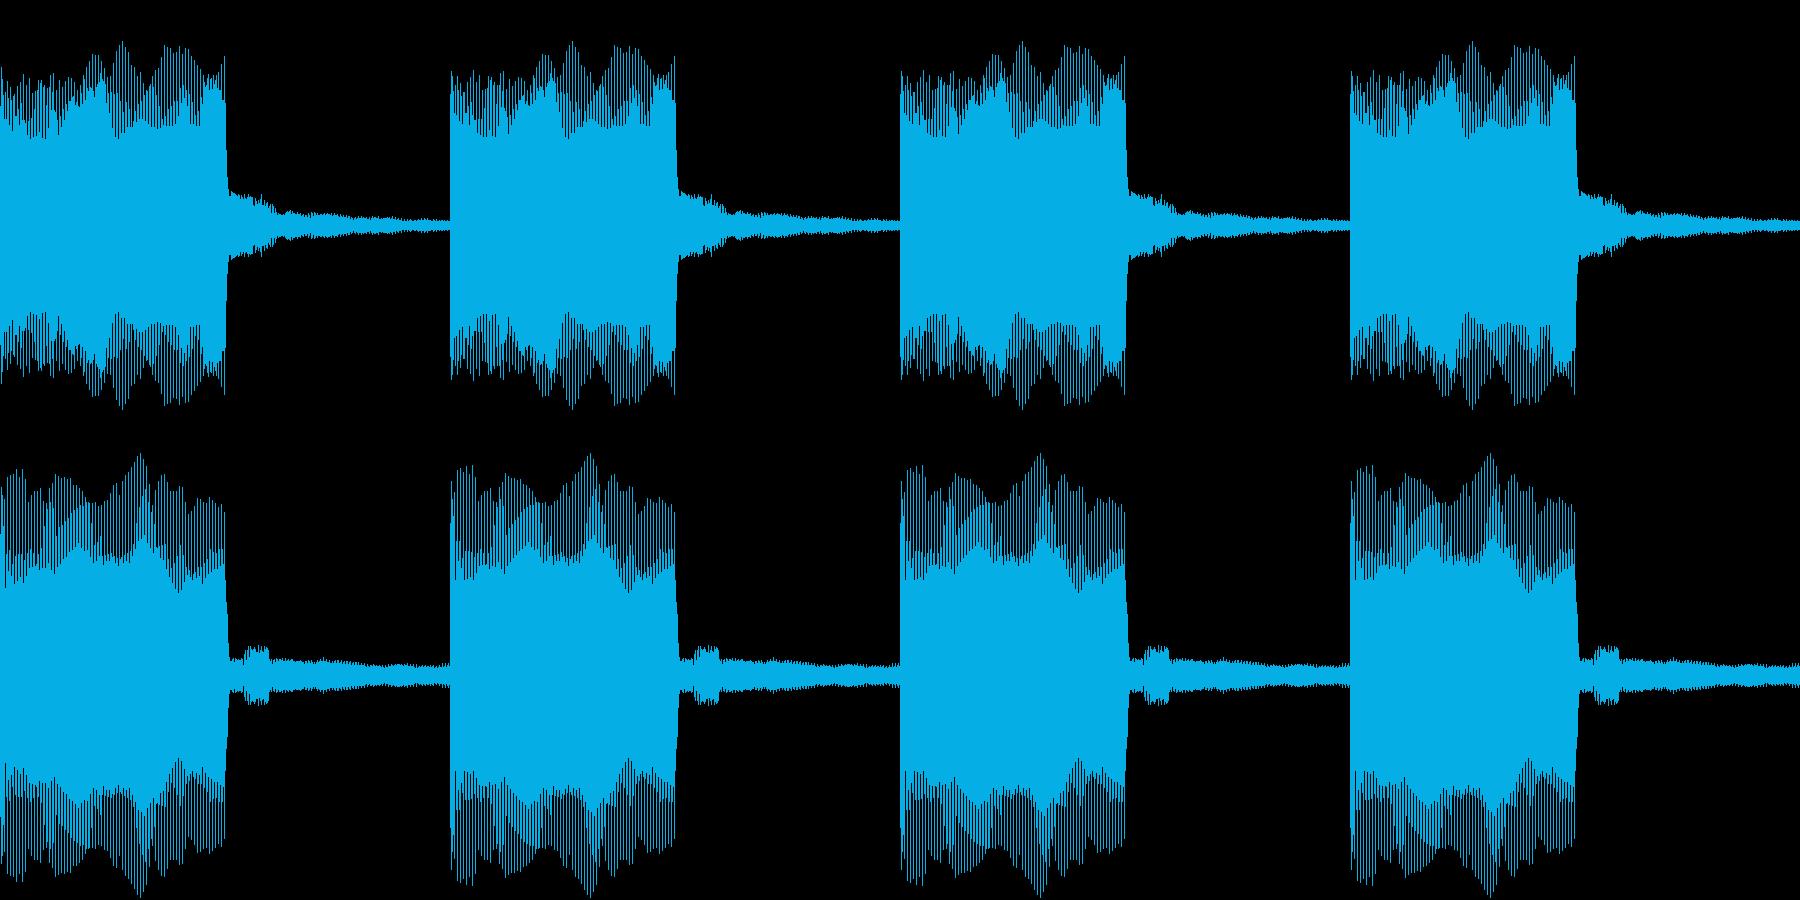 Buzzer アトラクション ブザー 3の再生済みの波形